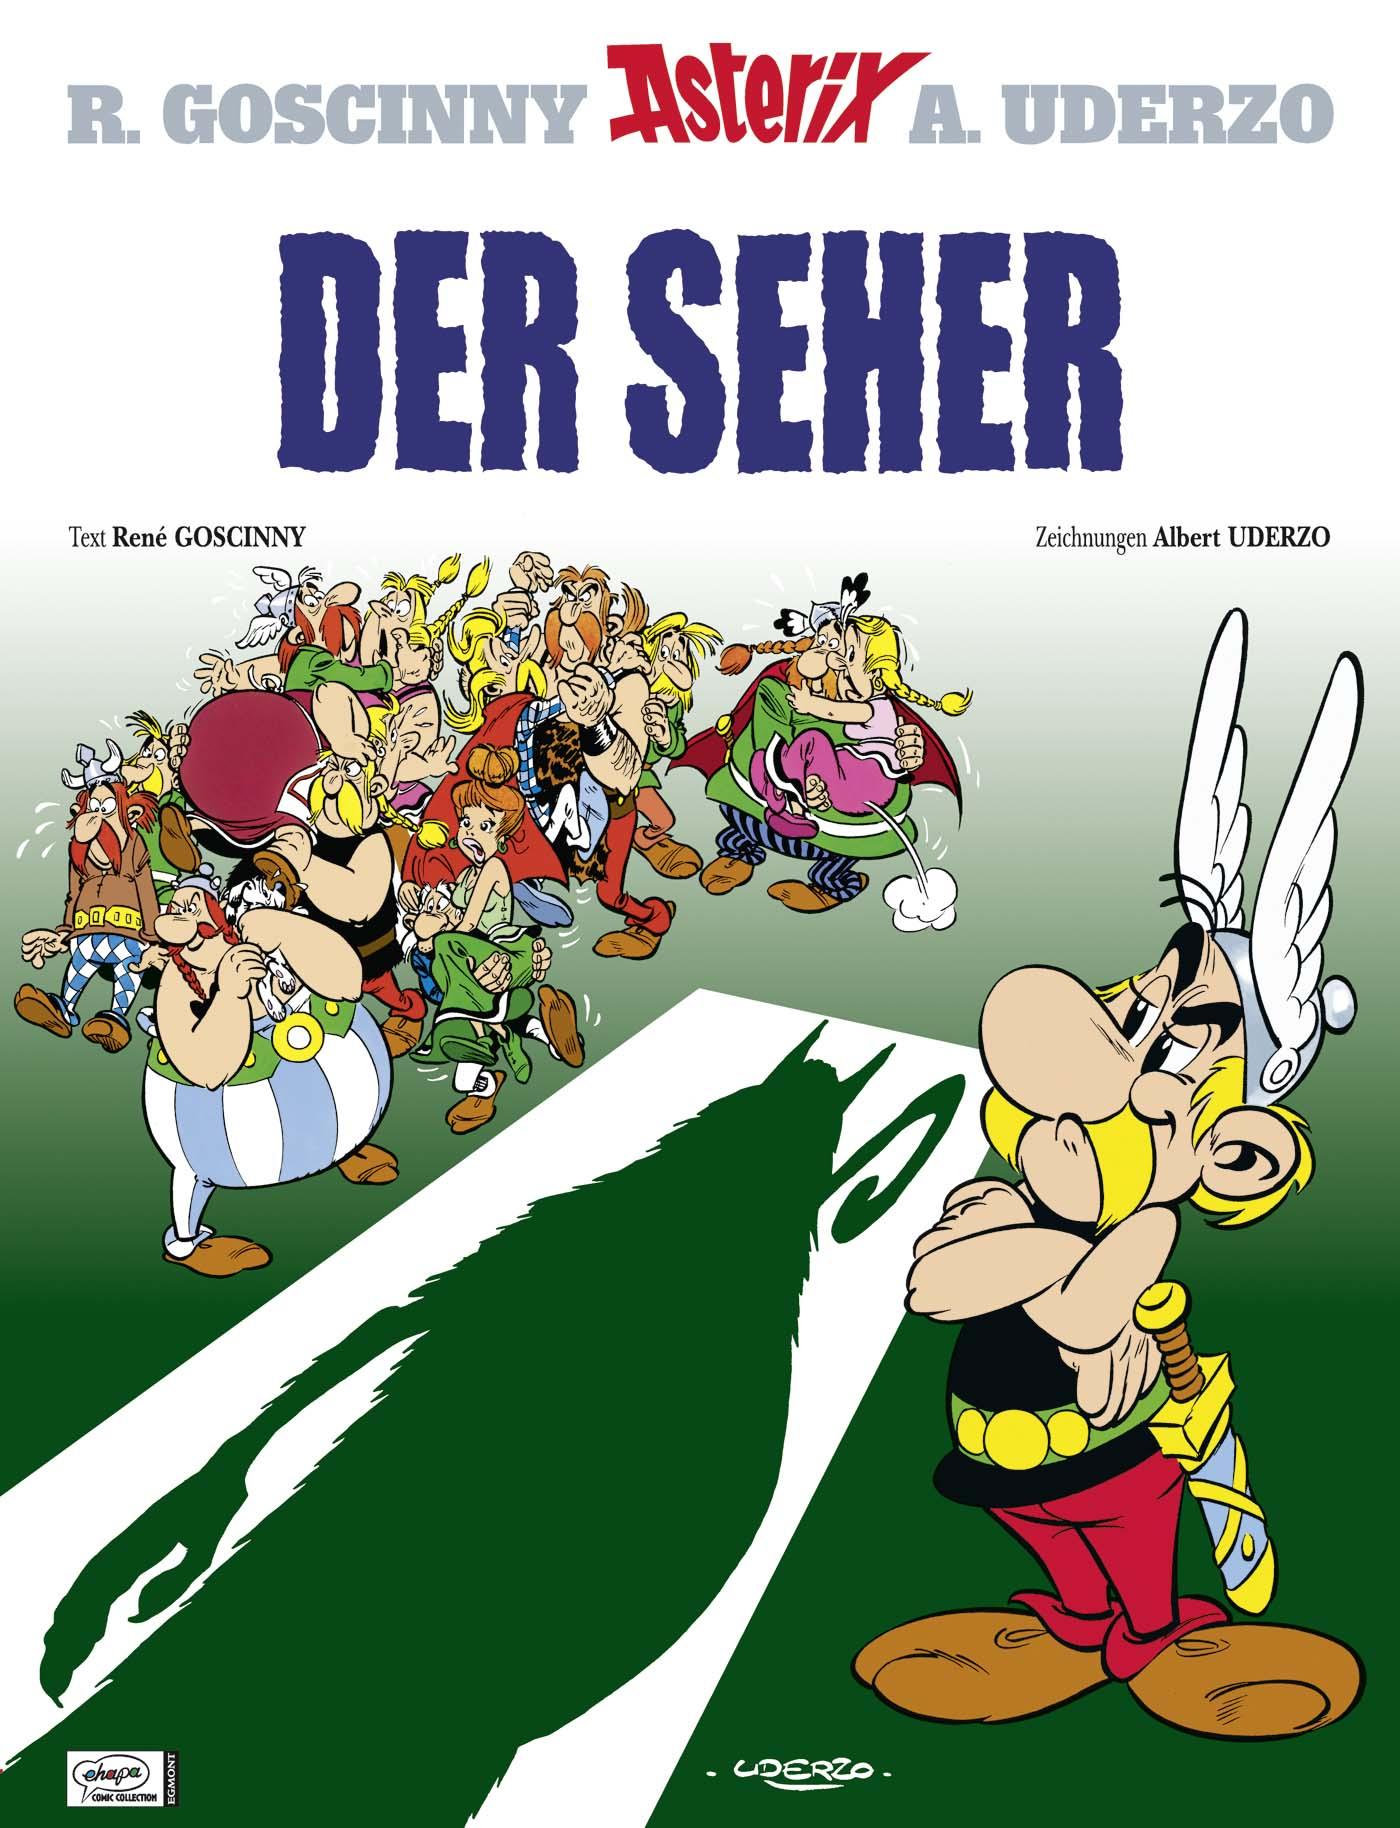 Asterix: Band 19 - Der Seher - R. Goscinny & A. Uderzo [Gebundene Ausgabe]